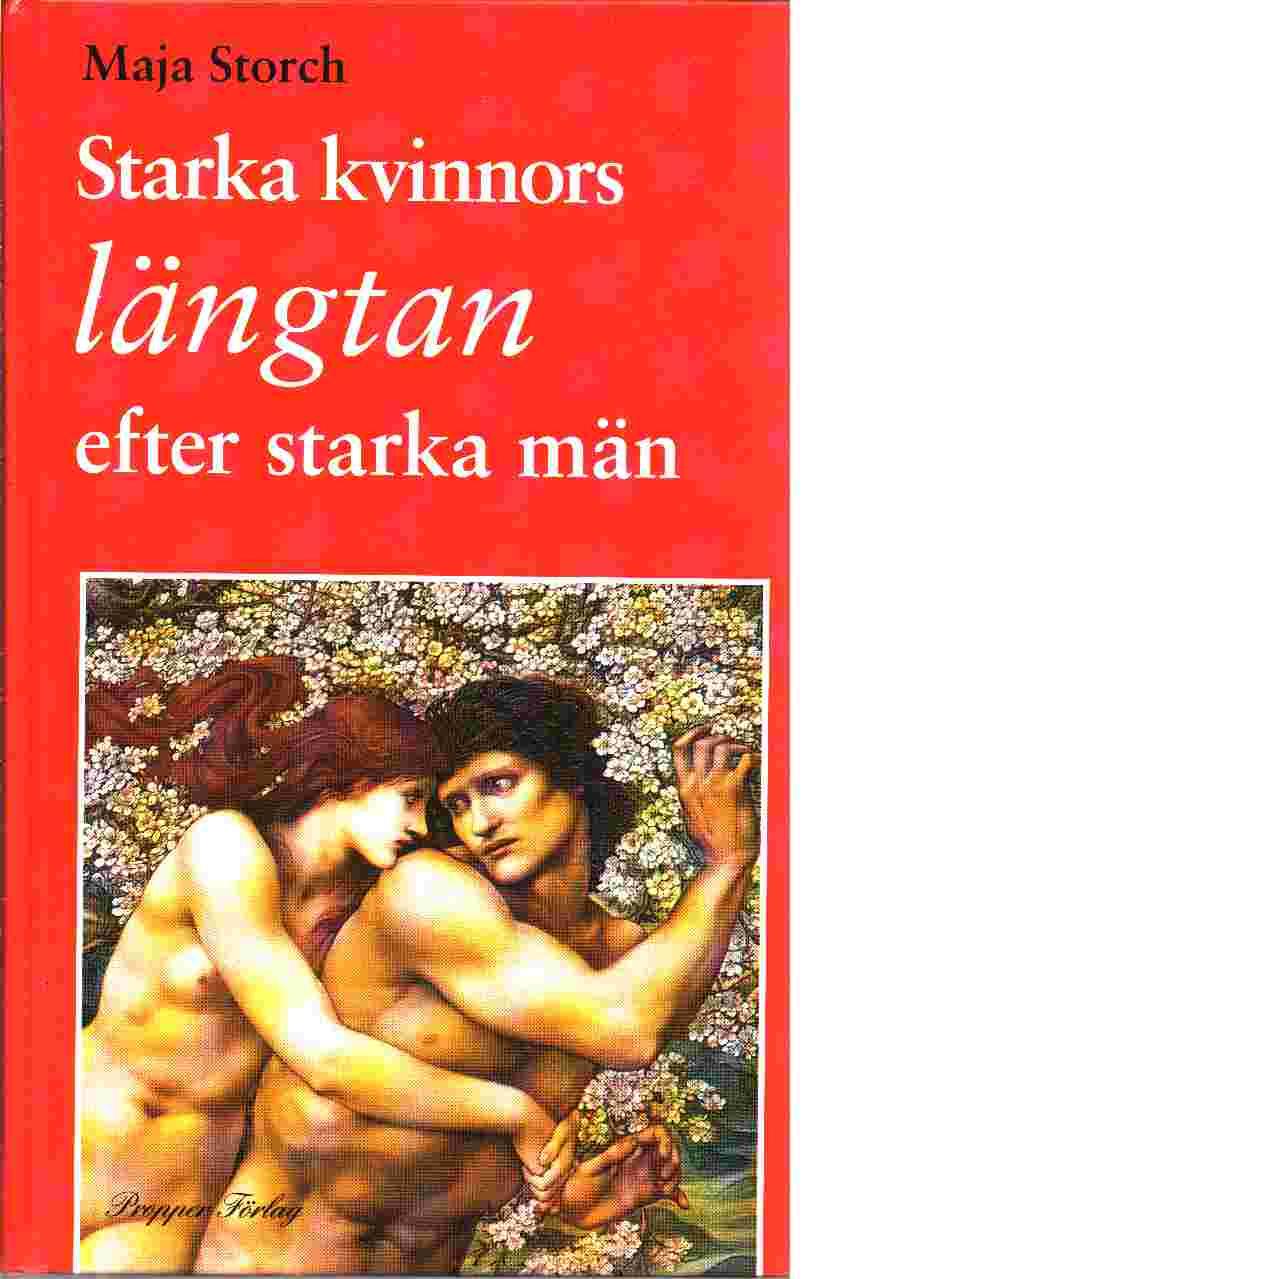 Starka kvinnors längtan efter starka män - Storch, Maja